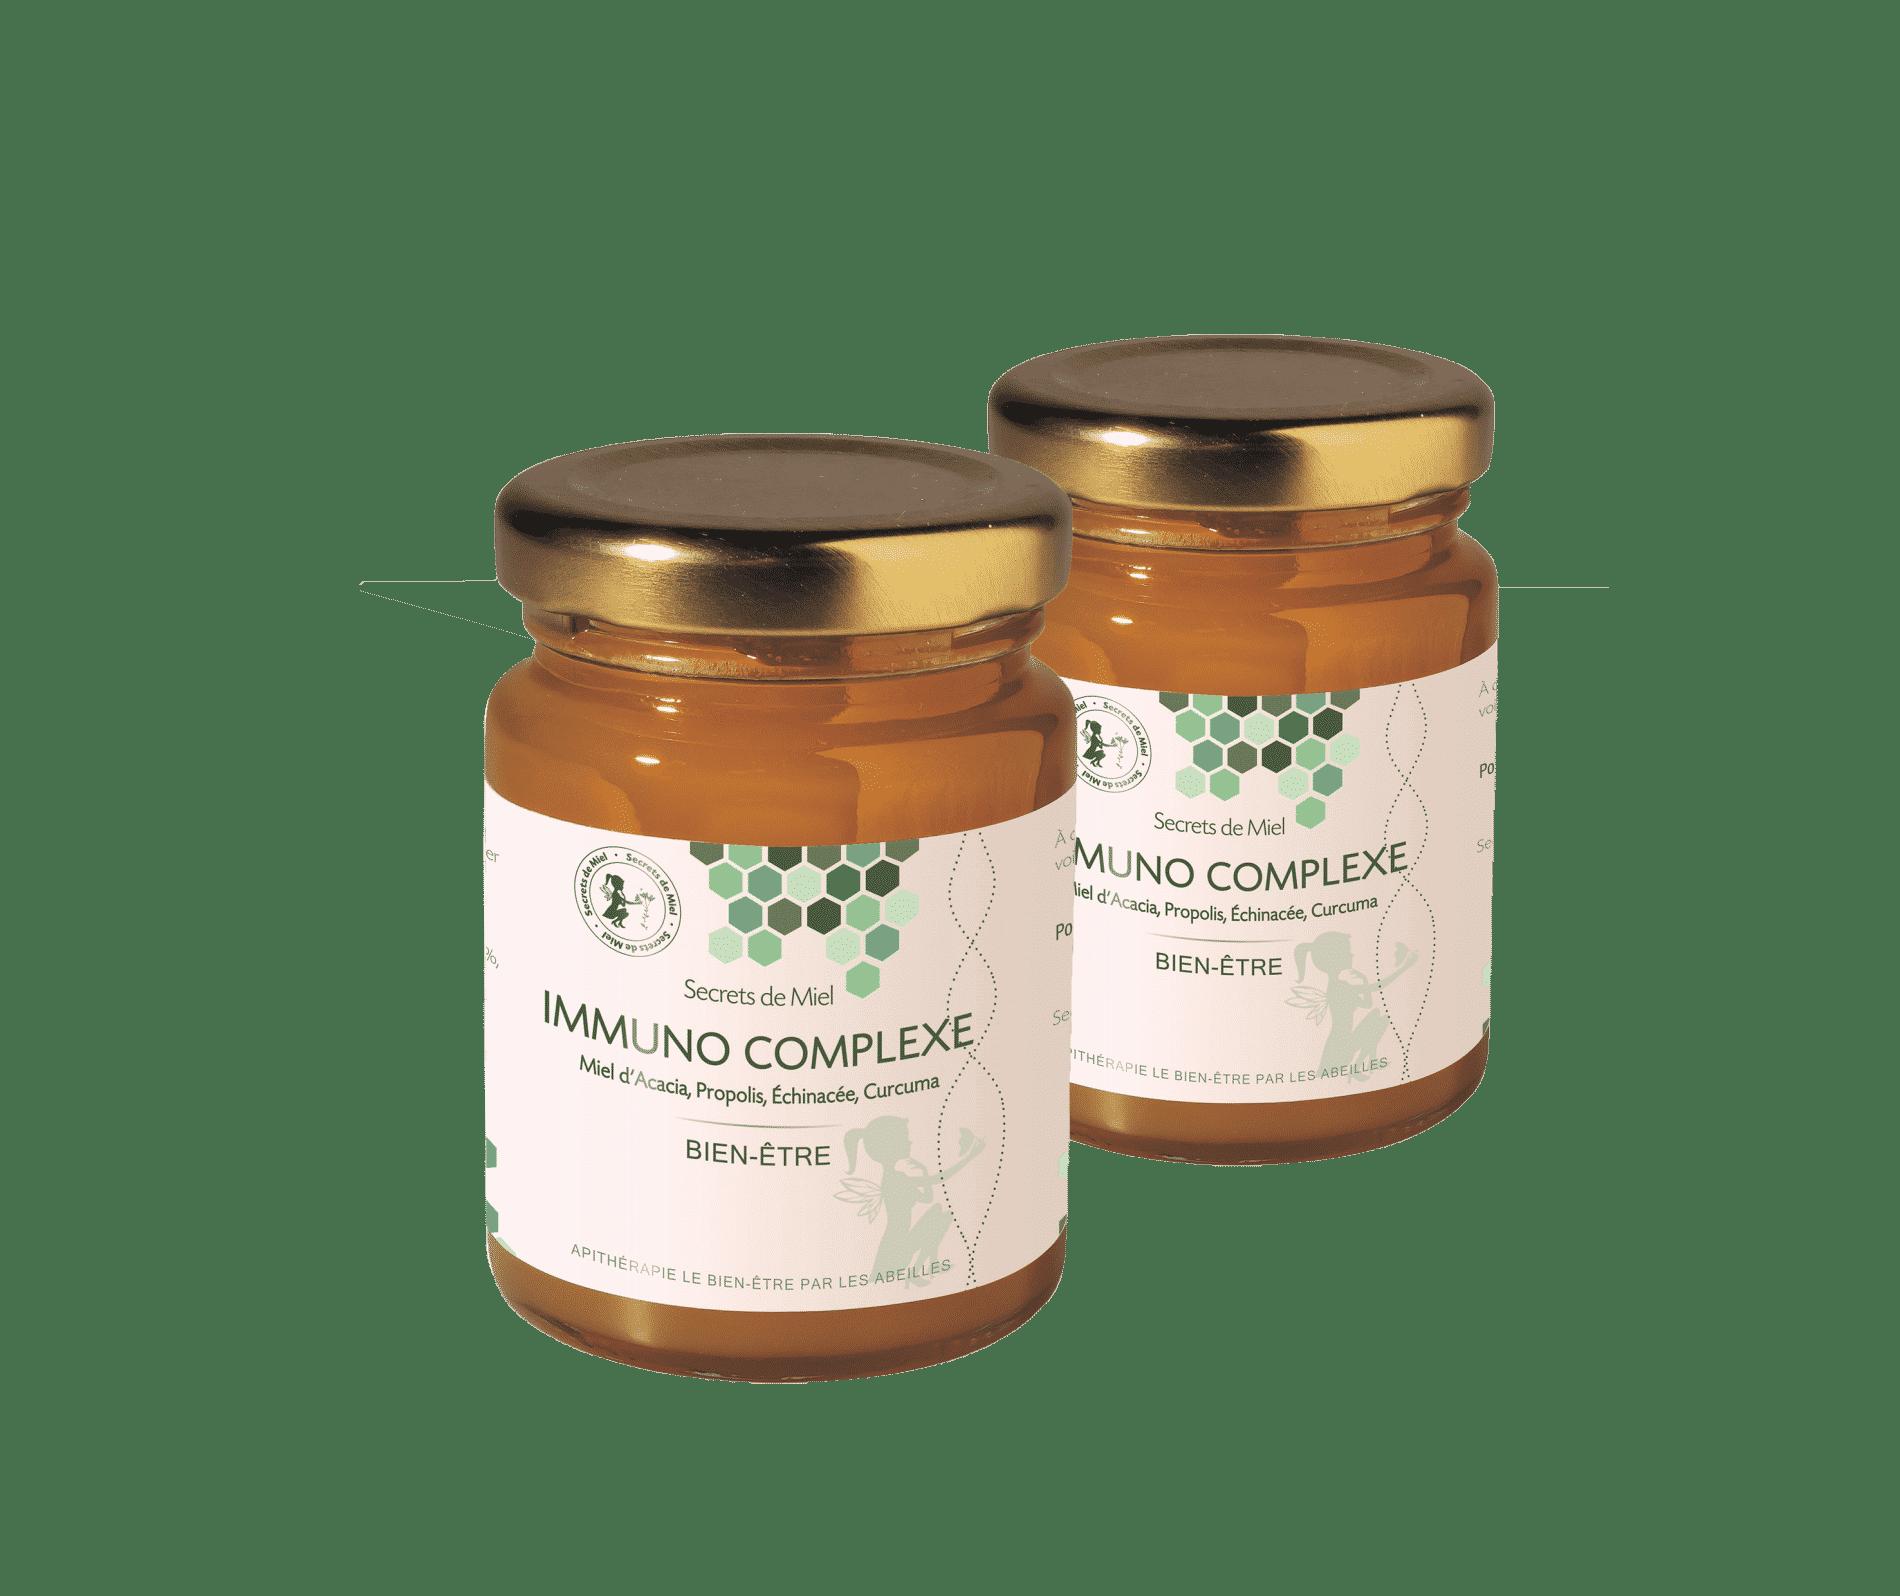 Immuno Complexe - Miel - abeilles - ruche - propolis - défenses immunitaires - bon pour le corps - produit naturel - produit de la ruche - Secrets de Miel